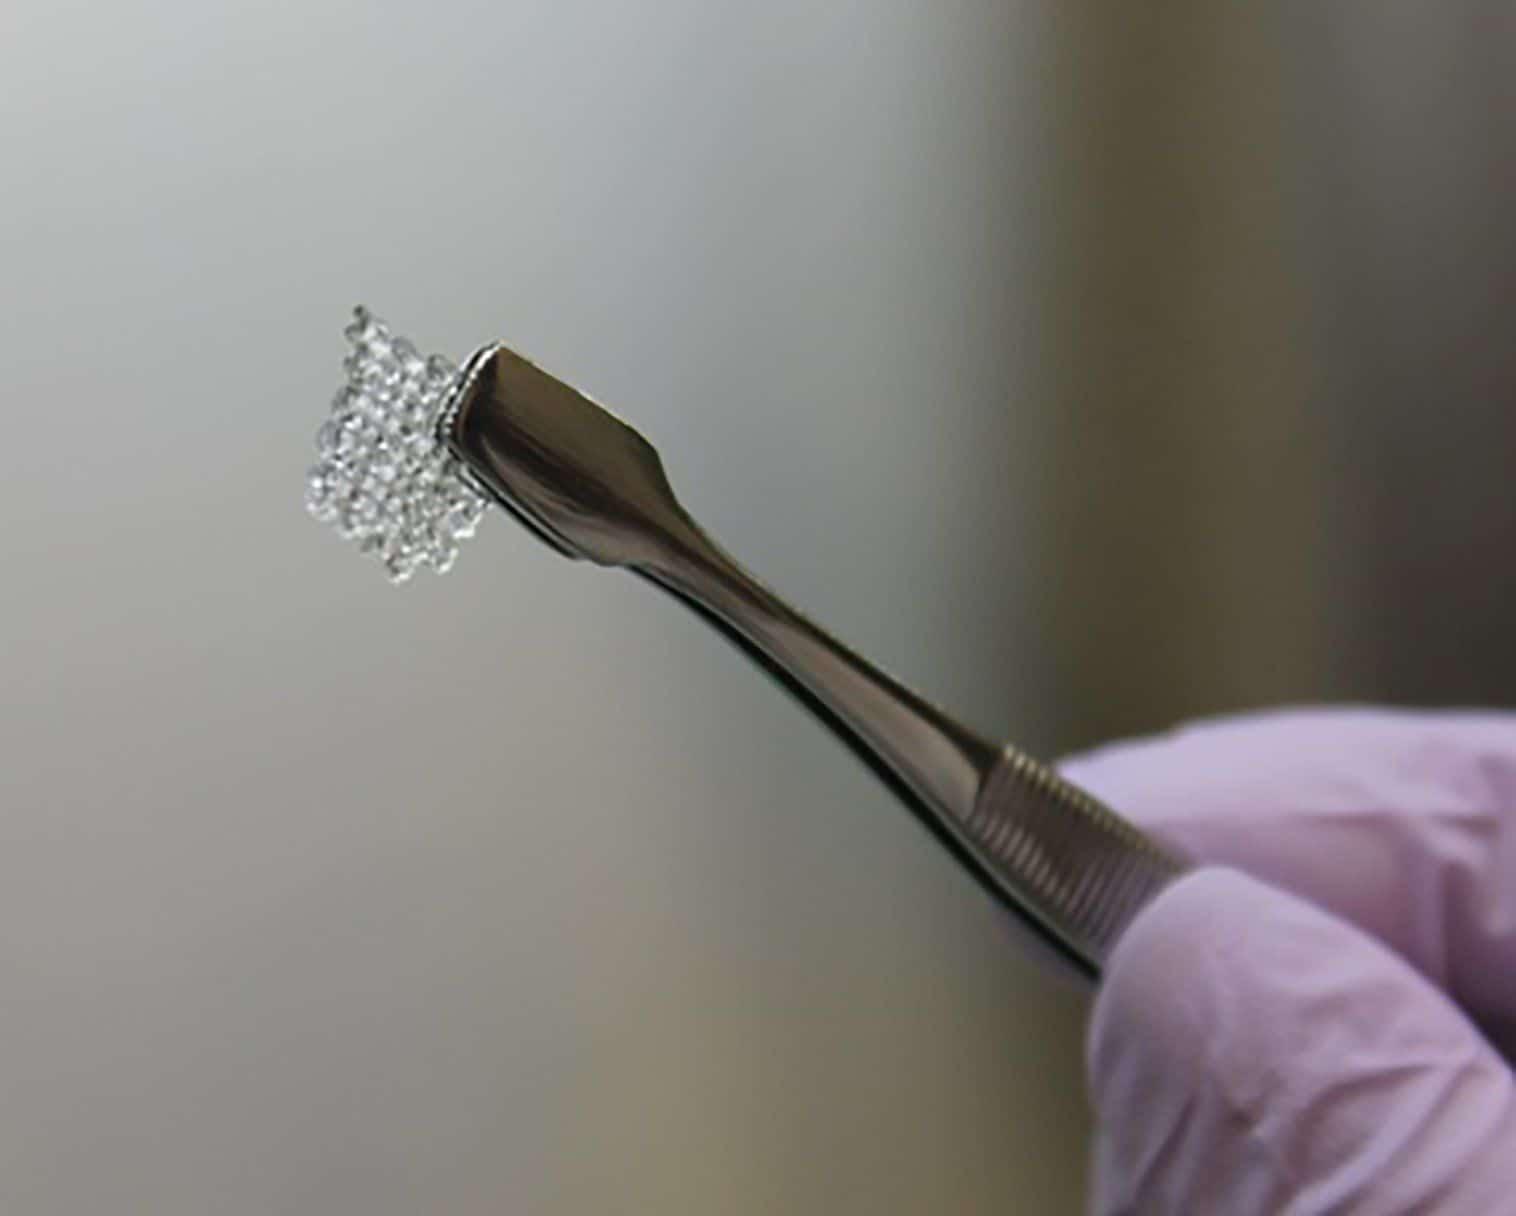 مبايض صناعية بتقنية الطباعة ثلاثية الأبعاد تساعد الفئران العقيمة على الإنجاب